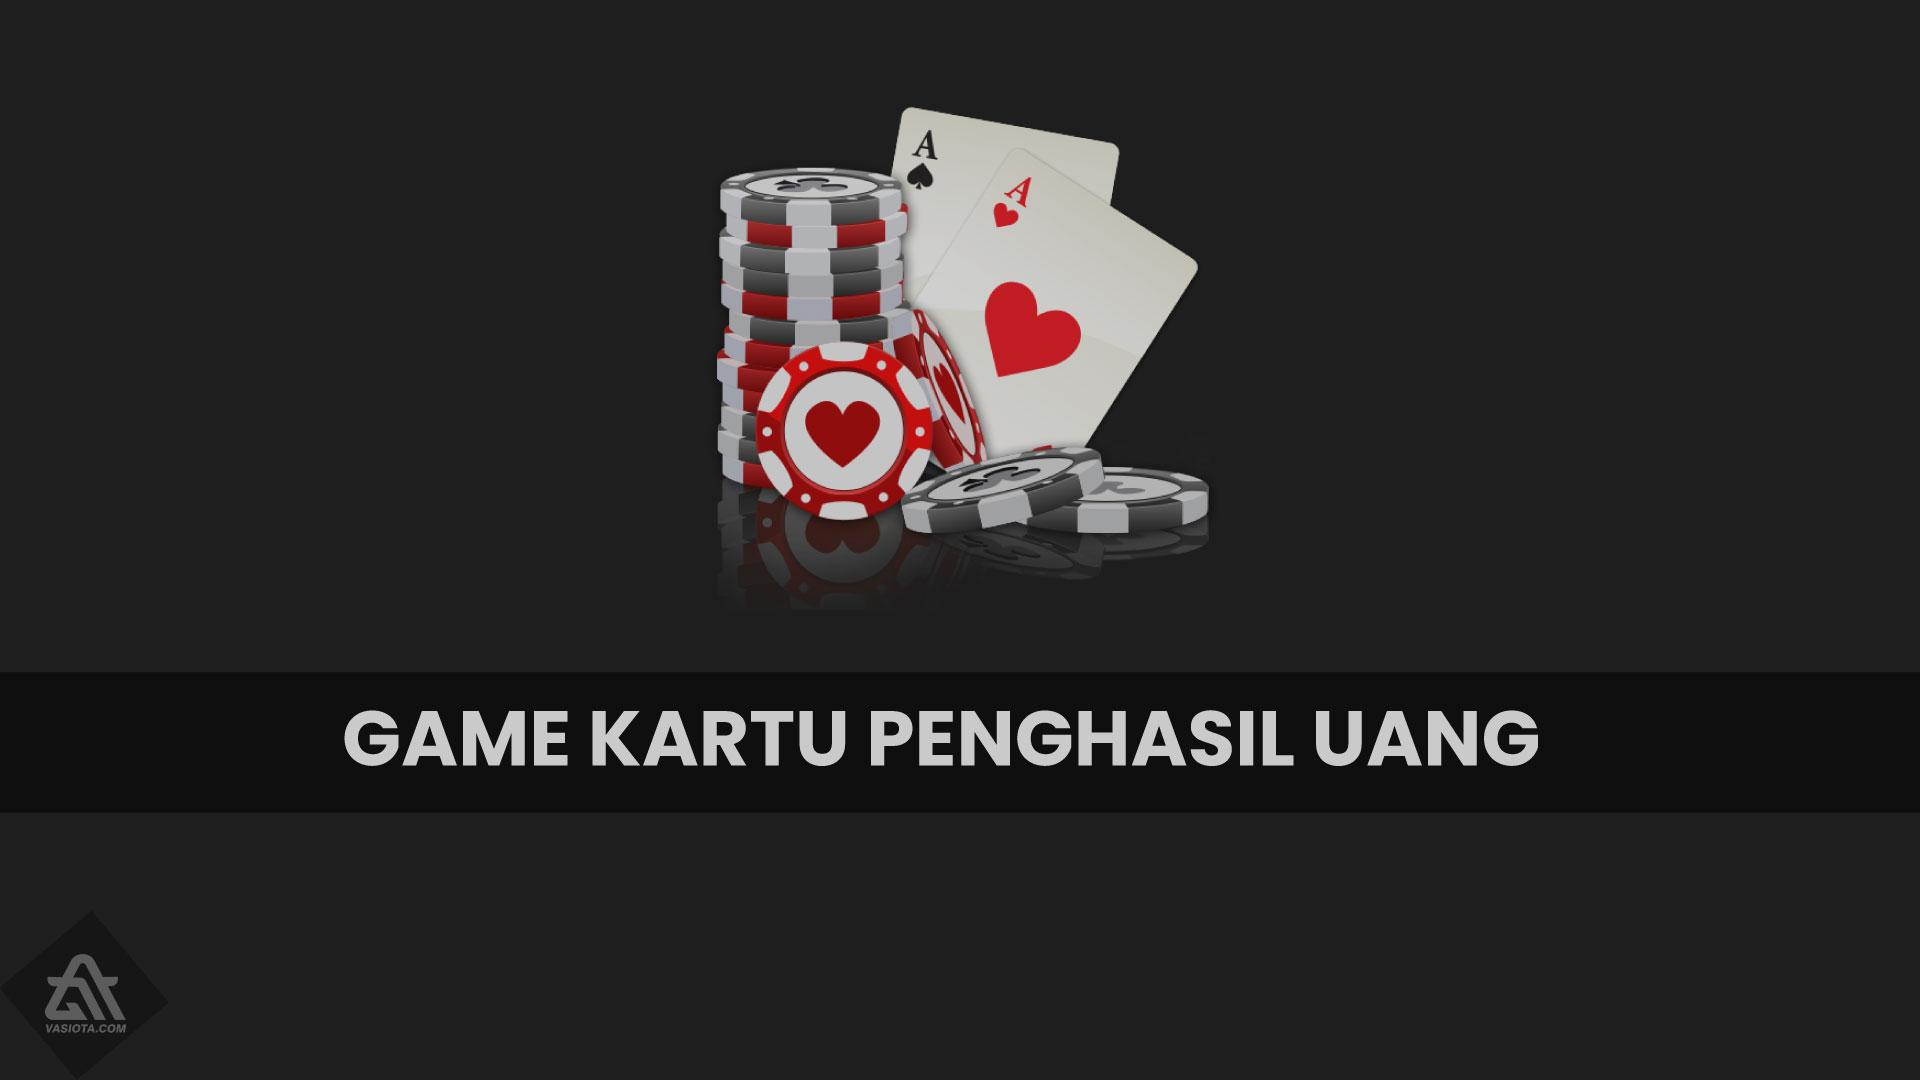 Game Kartu Penghasil Uang